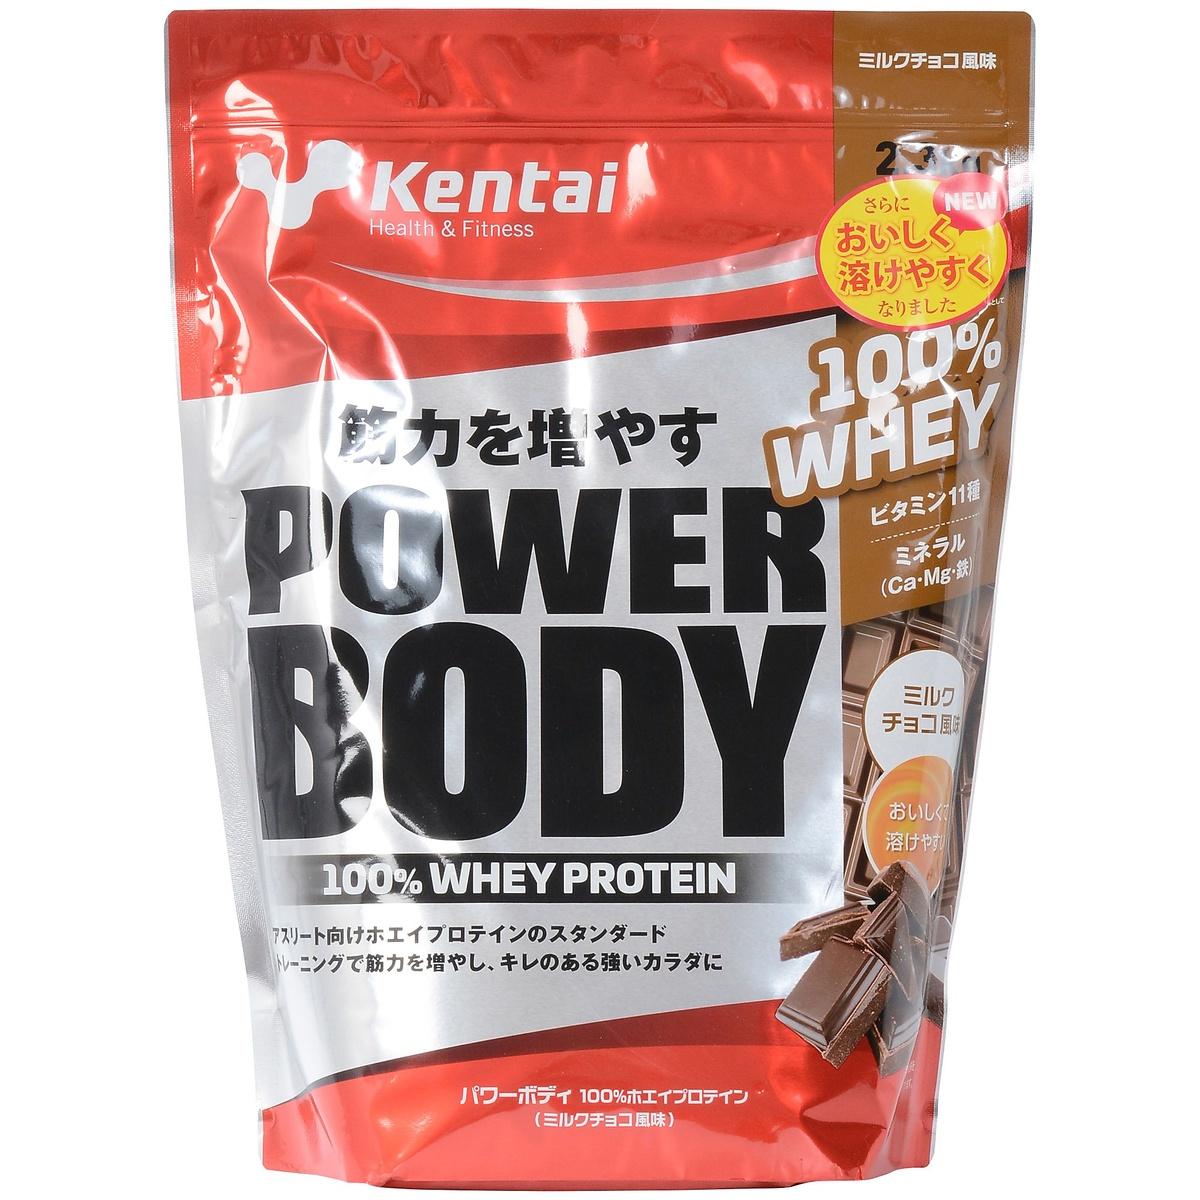 【送料無料】 サプリメント ホエイプロテイン パワーボディ-100%ホエイプロテイン ミルクチョコ 2.3KG K344